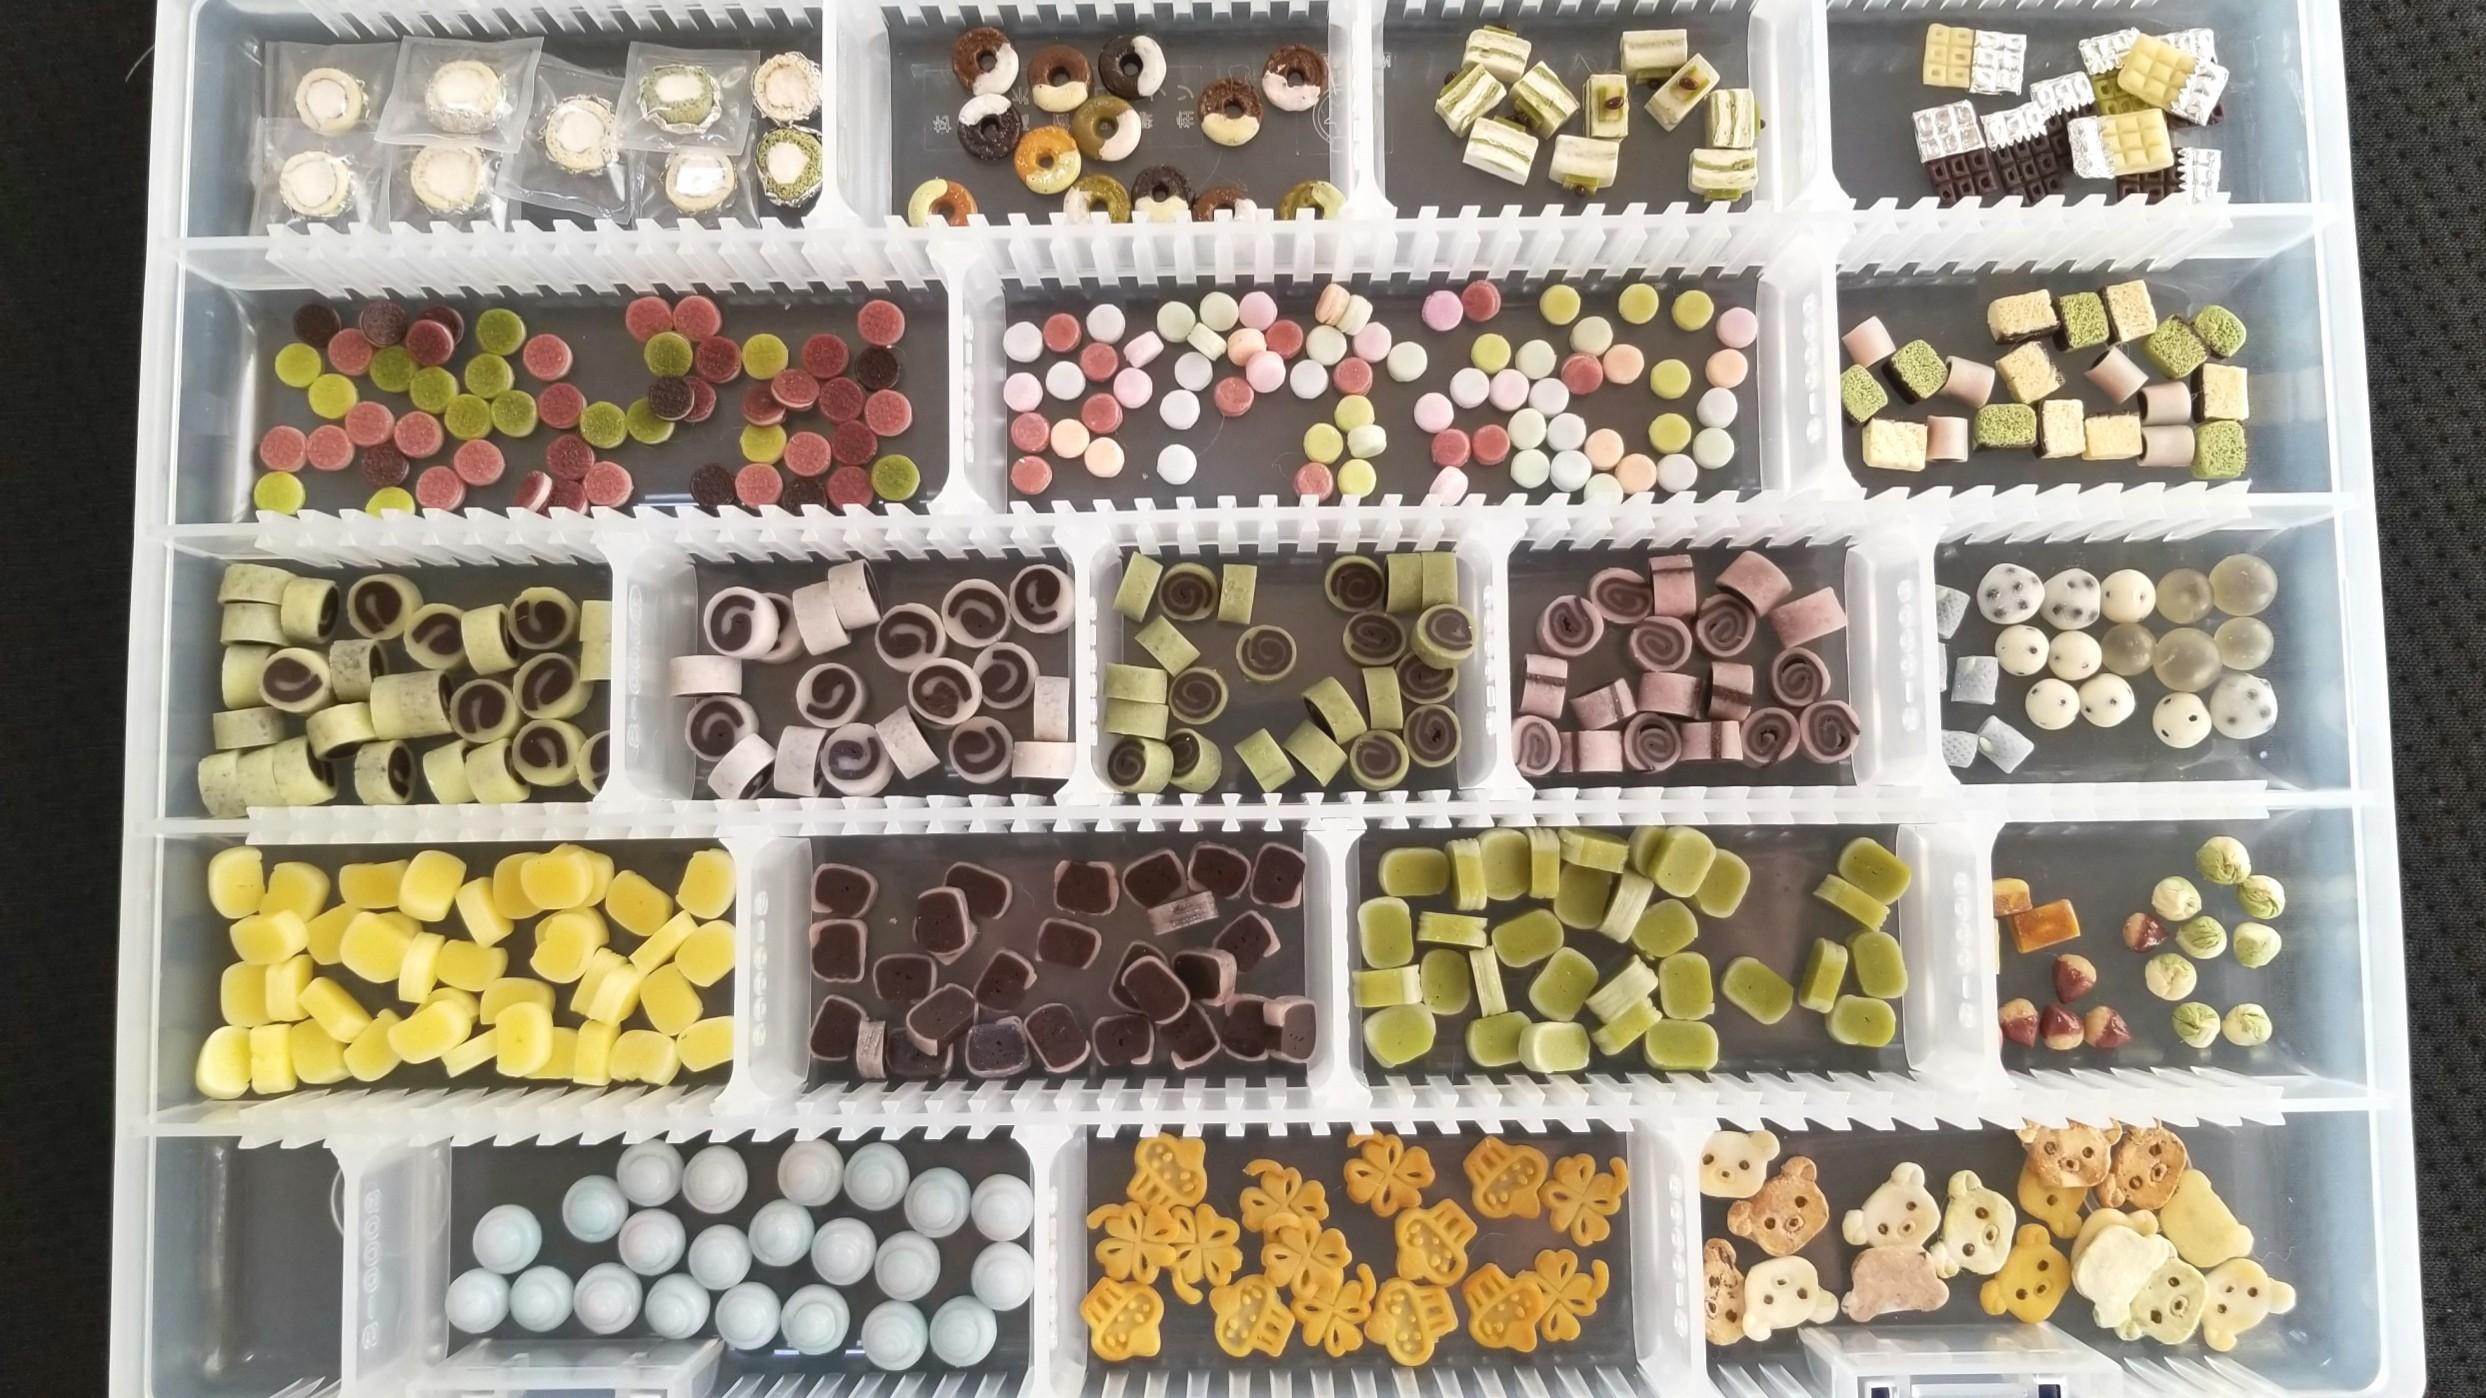 パーツ,量産,大量,ミニチュアフード,樹脂粘土,和菓子,フェイク,食玩